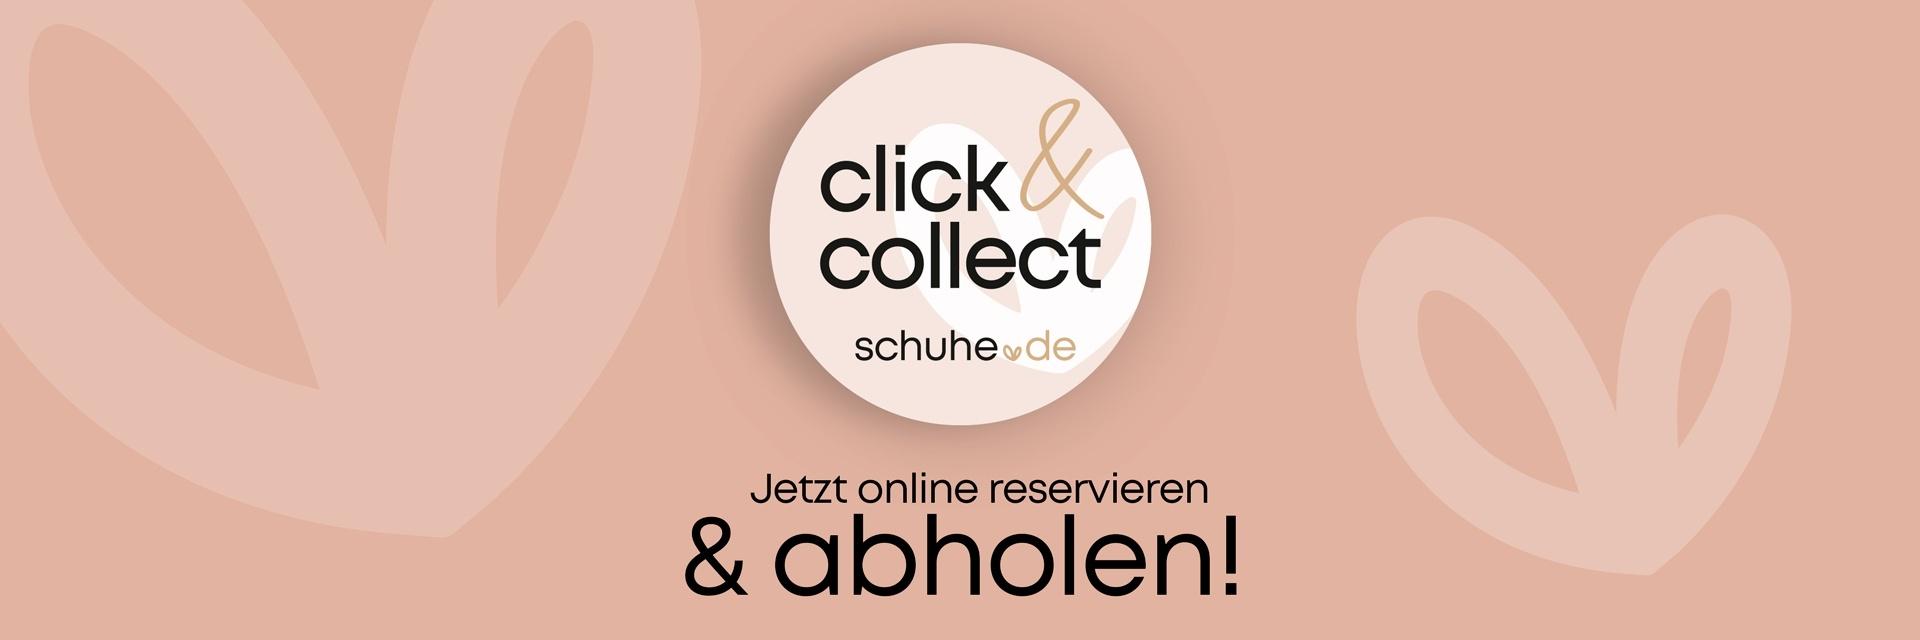 02_service_click_und_collect_reservieren_und_abholen